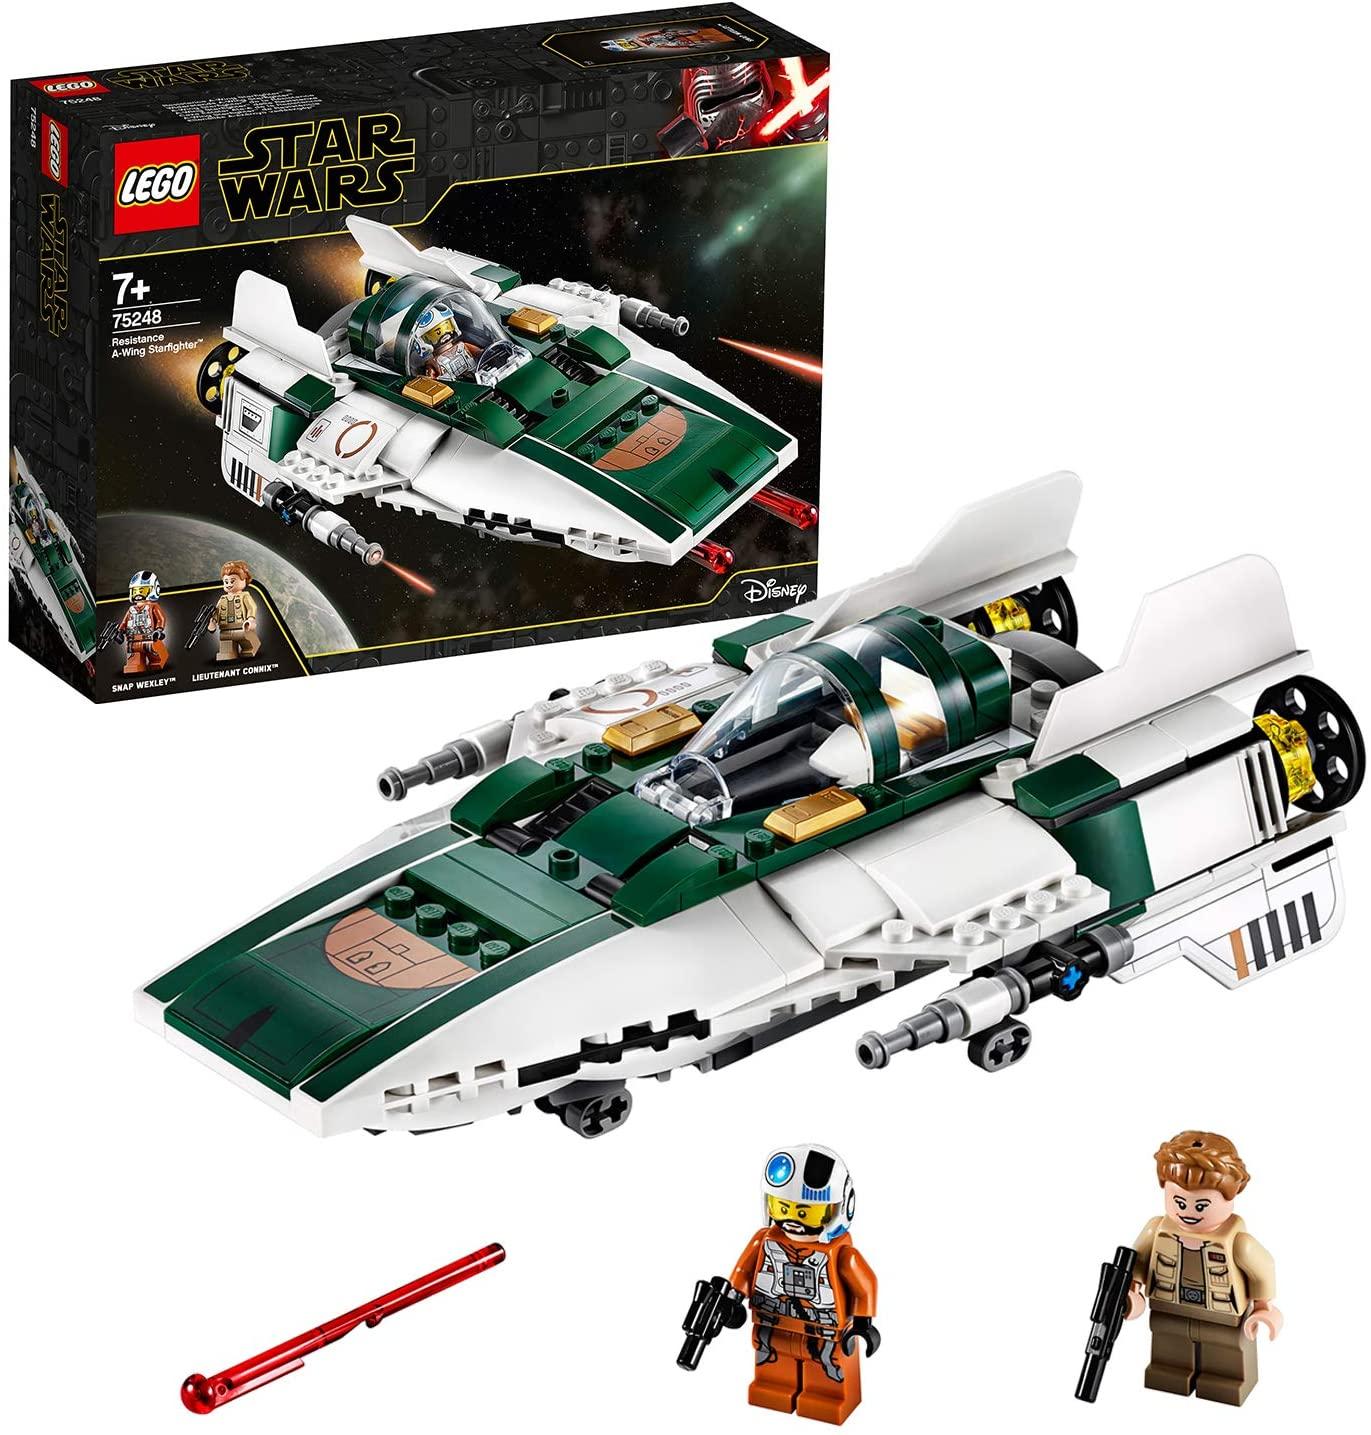 LEGO Star Wars TM - Caza Estelar Ala-A de la Resistencia, Nave Espacial de la Guerra de las Galaxias Episodio IX: El Ascenso de Skywalker